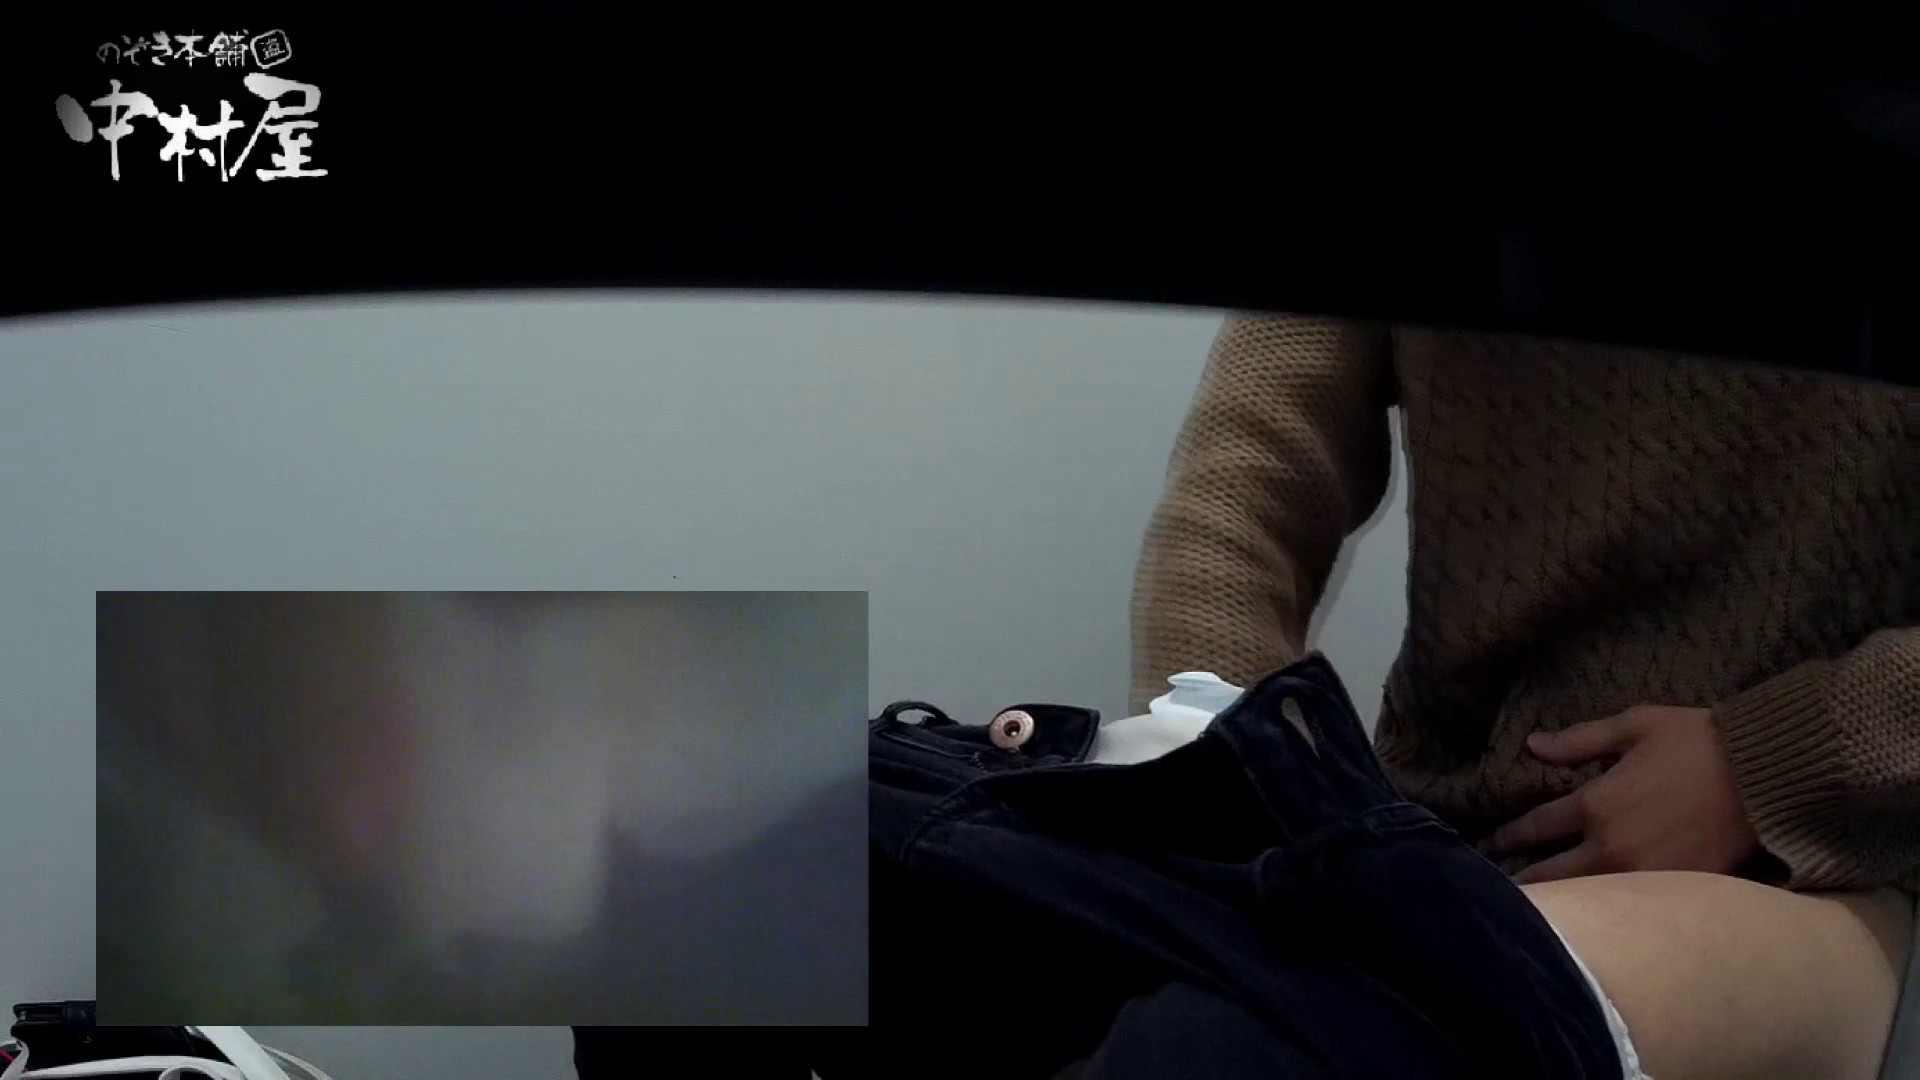 有名大学女性洗面所 vol.54 設置撮影最高峰!! 3視点でじっくり観察 和式 | 投稿  99連発 36